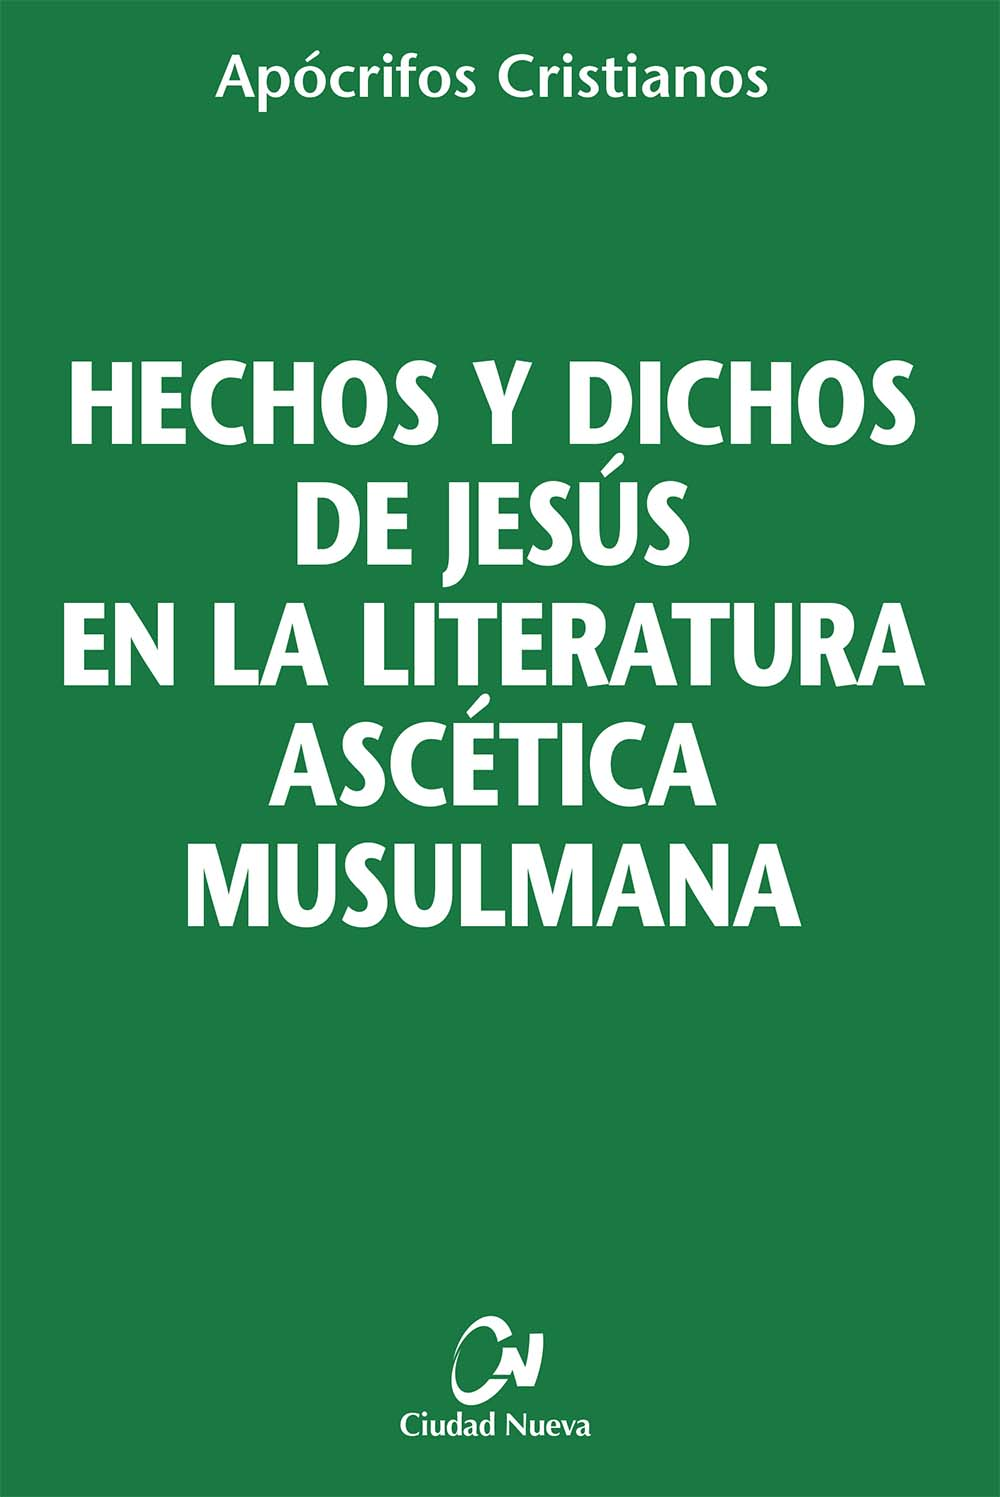 hechos-y-dichos-de-jesus-en-la-literatura-ascetica-musulmana